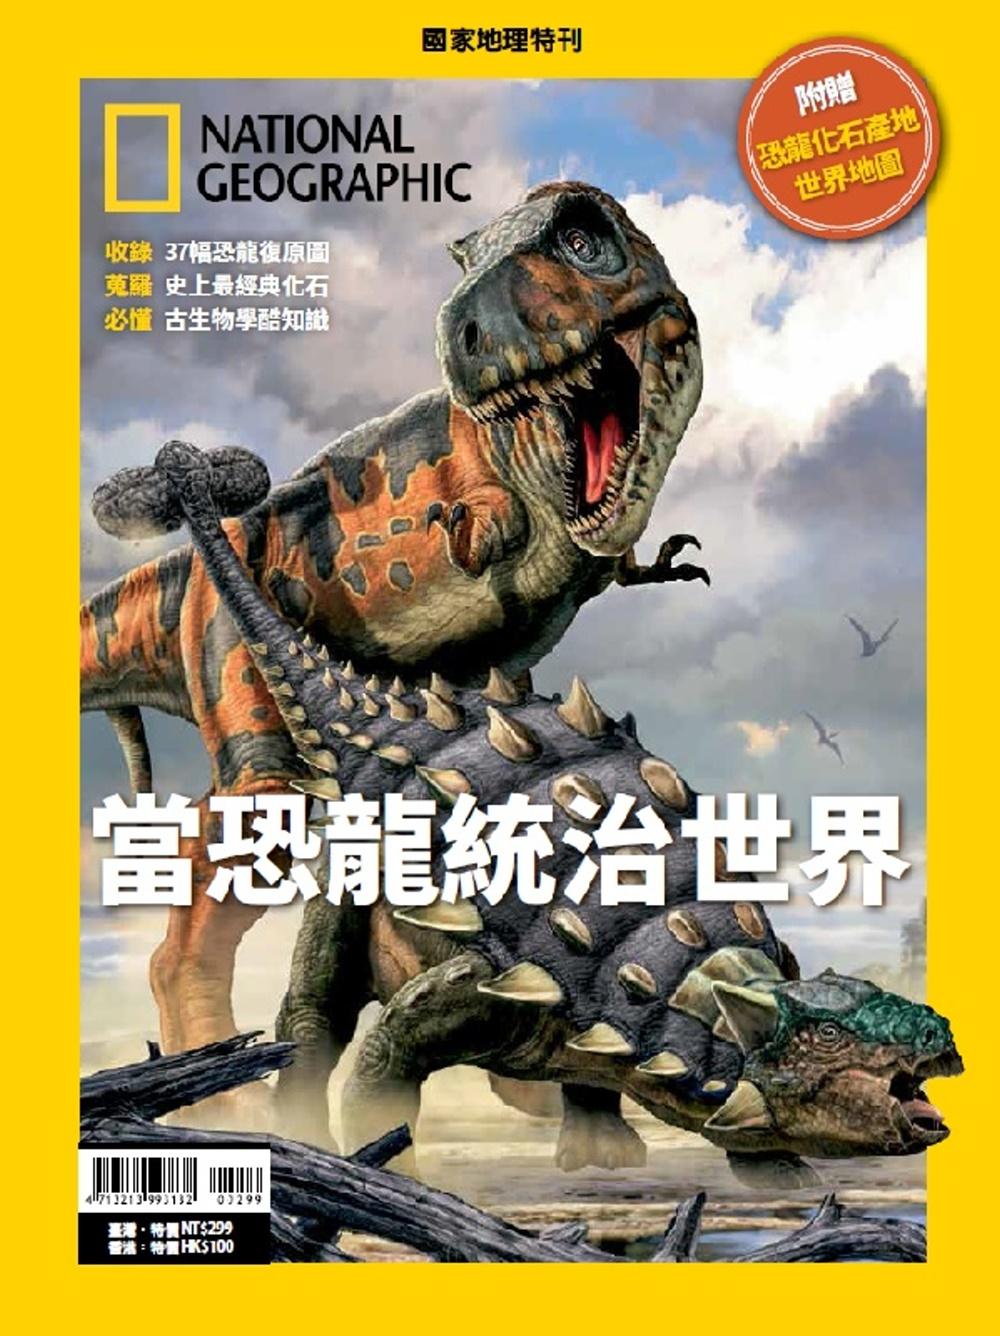 國家地理雜誌中文版 :當恐龍統治世界